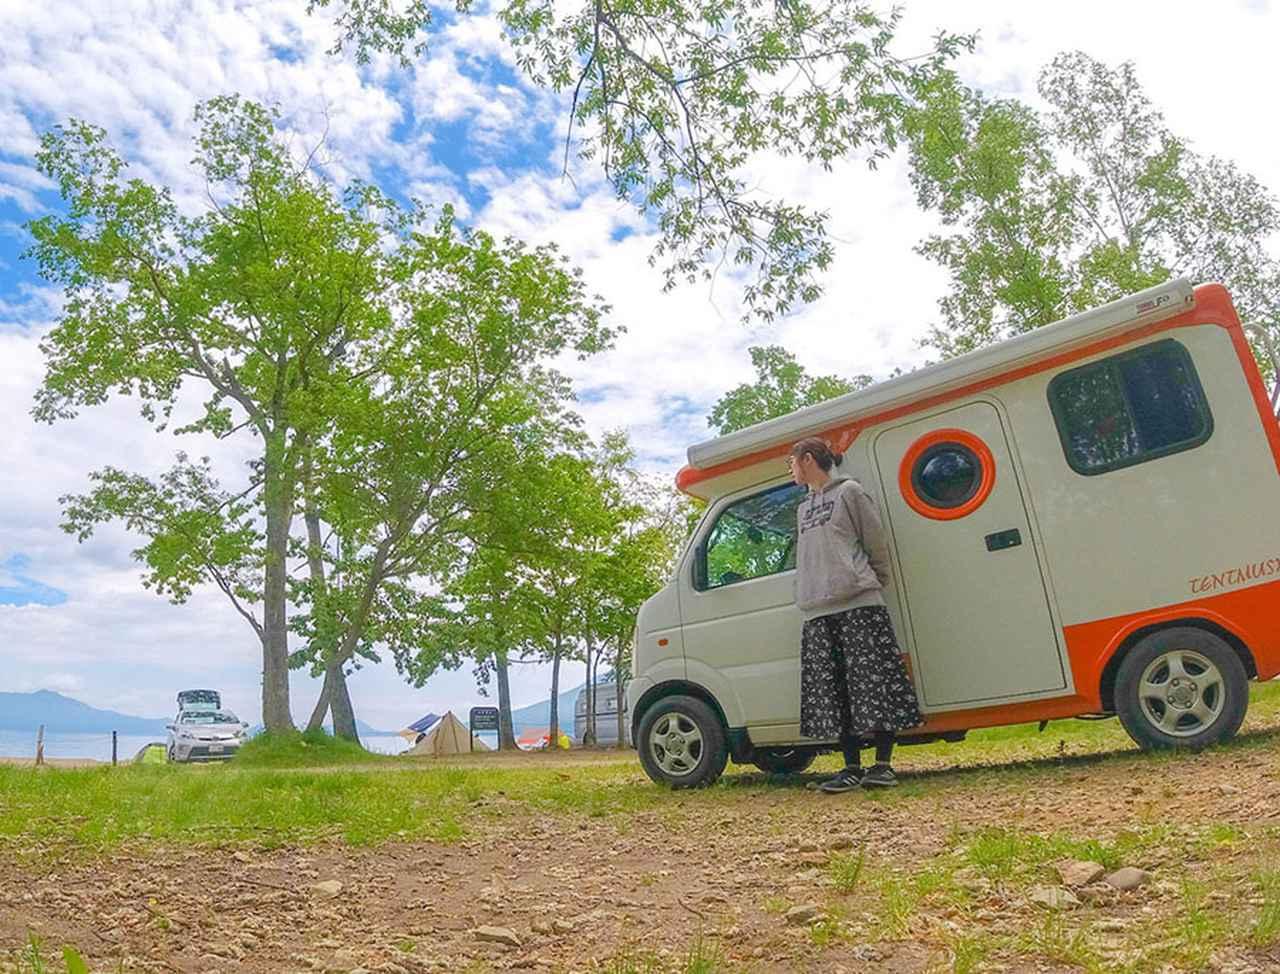 画像: 軽キャンピングカー「テントむし」で北海道をタフに遊ぶ車中泊女子! - アウトドア情報メディア「SOTOBIRA」